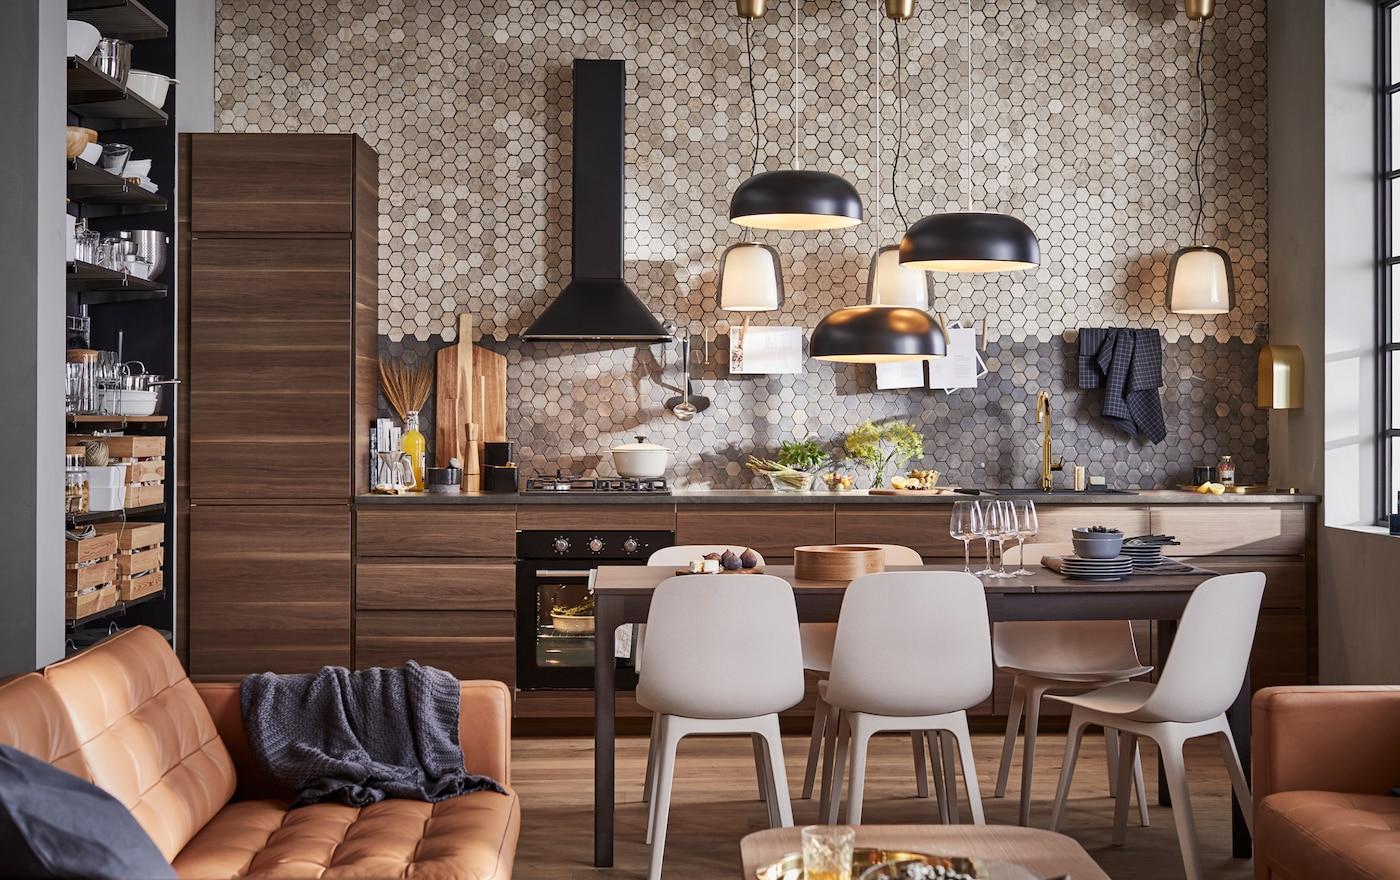 مطبخ حديث ذو مساحة مفتوحة مع واجهات باب خزانة مطبخ VOXTORP لون بني داكن من ايكيا، مع تأثير خشب الجوز في حبيبات الخشب.